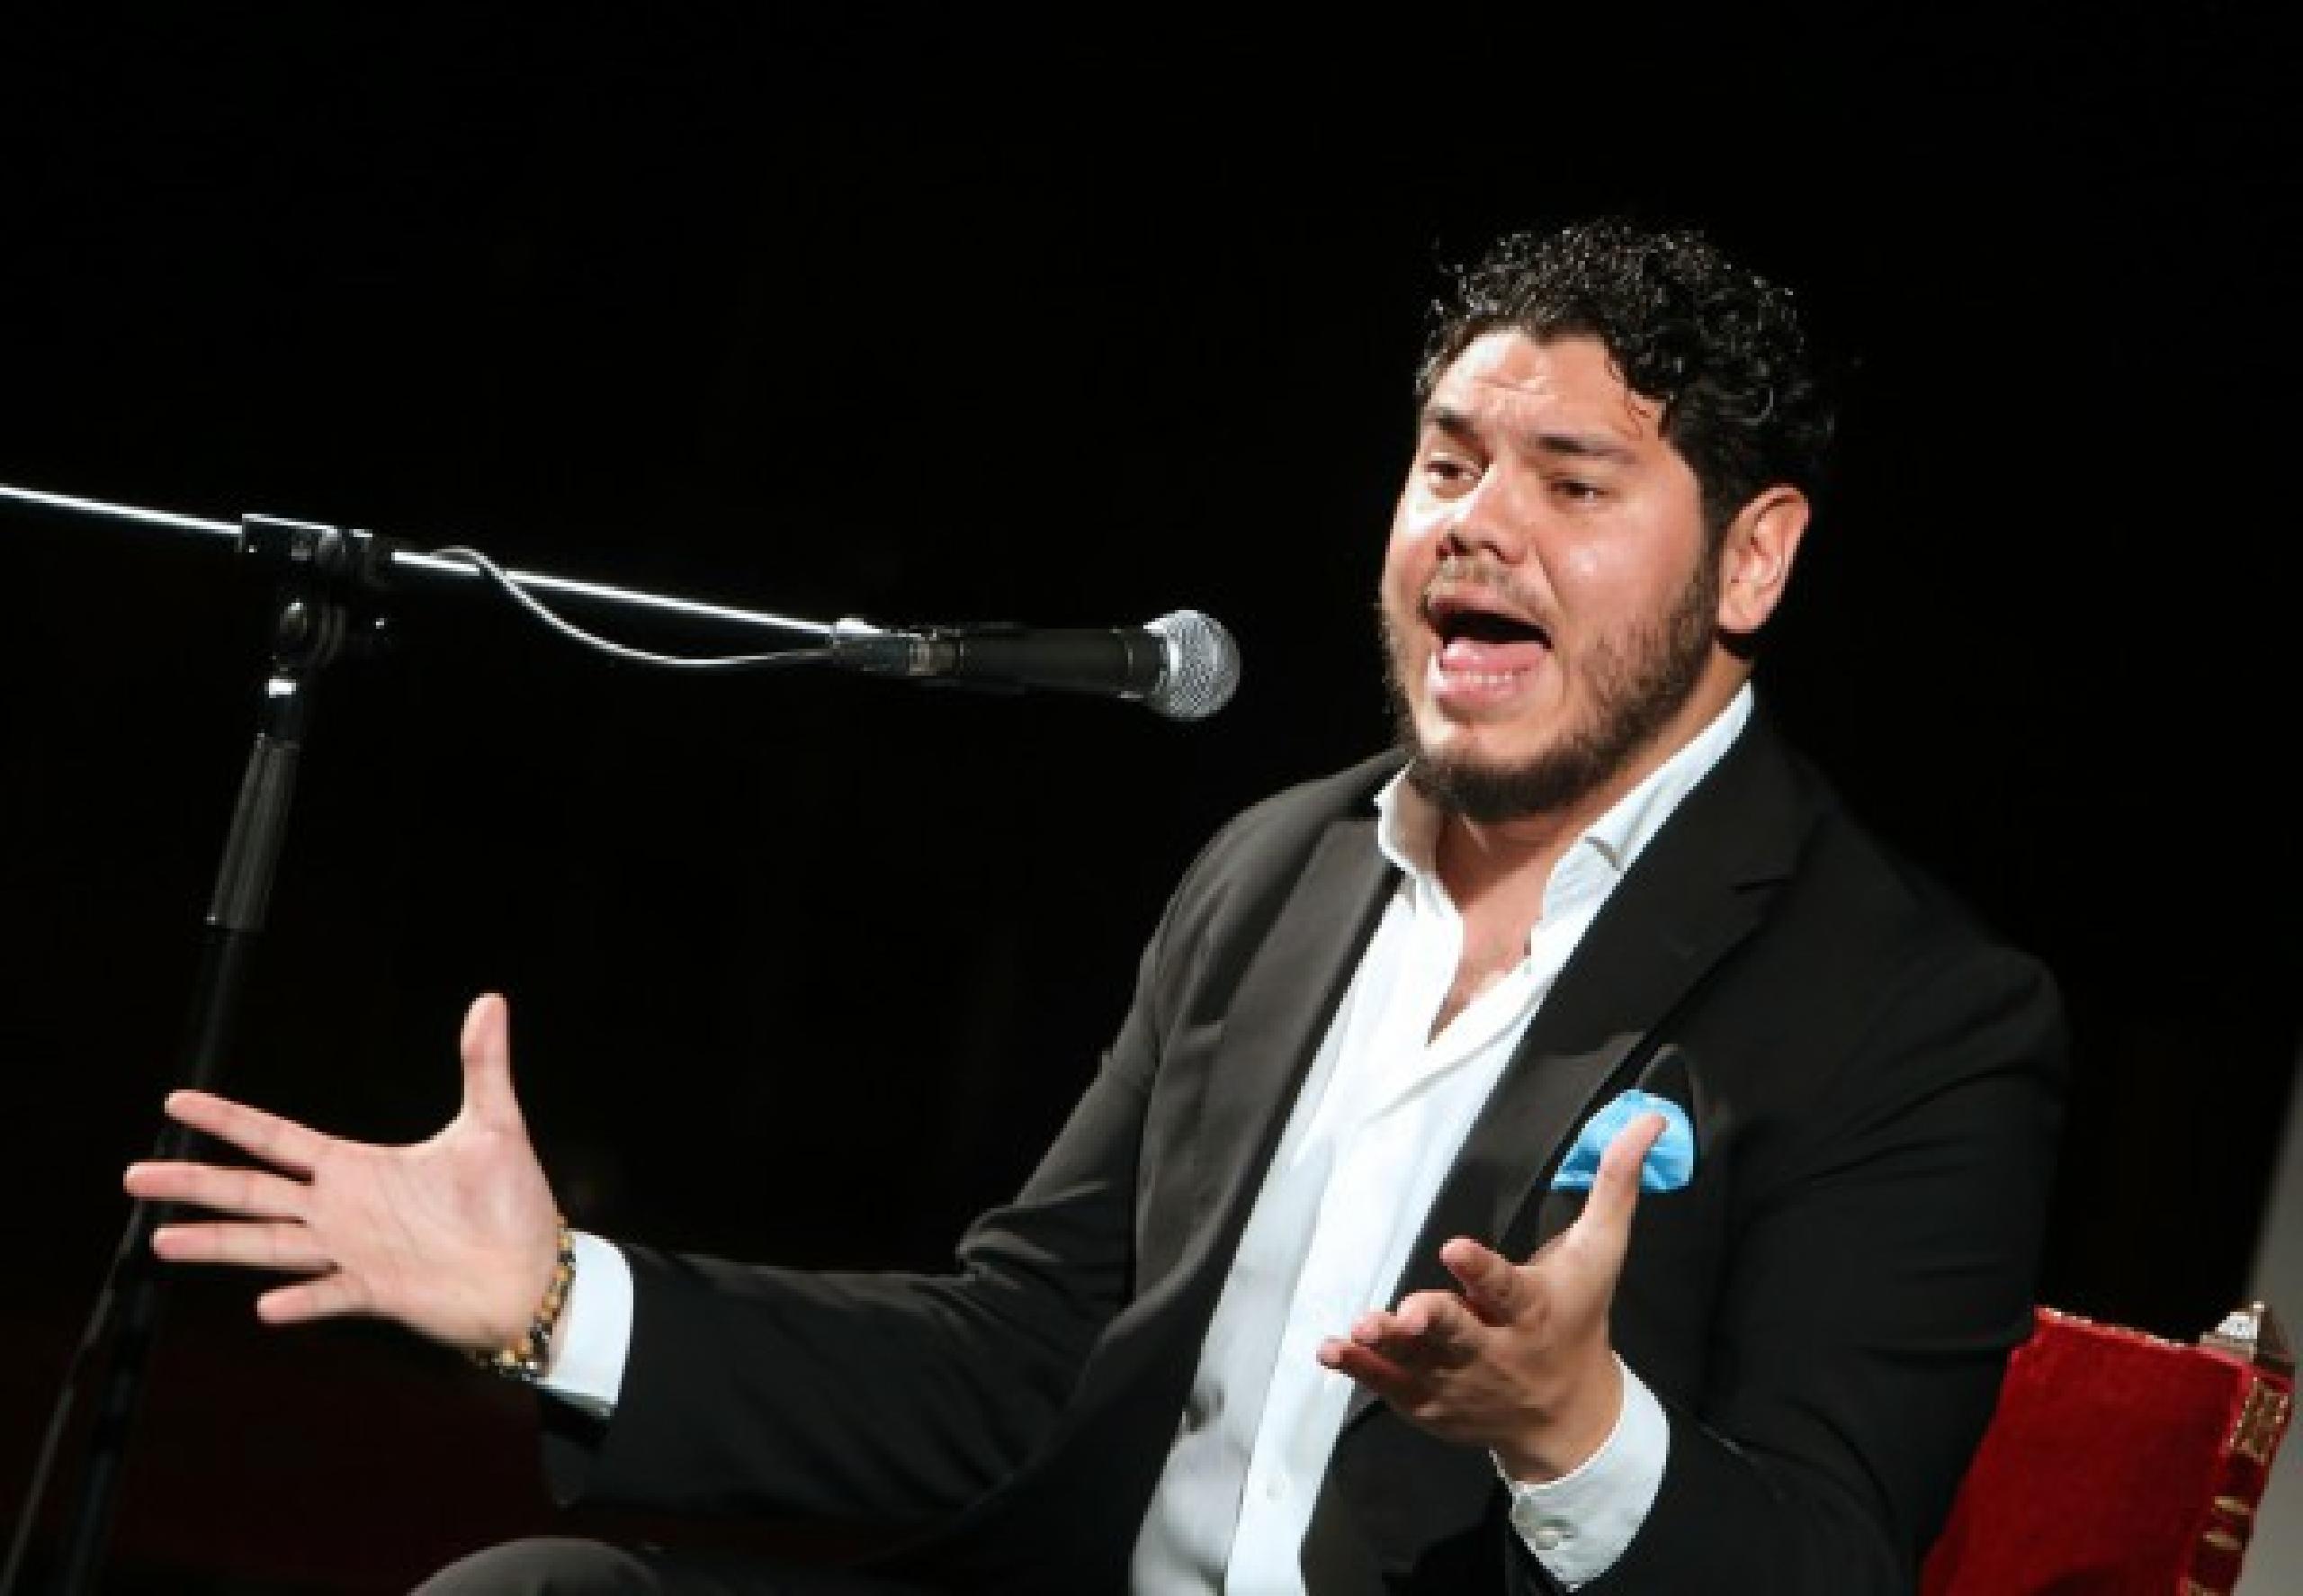 cartel programación ciclo sagas del cante 2018 sala garcía lorca fundación conservatorio flamenco casa patas madrid